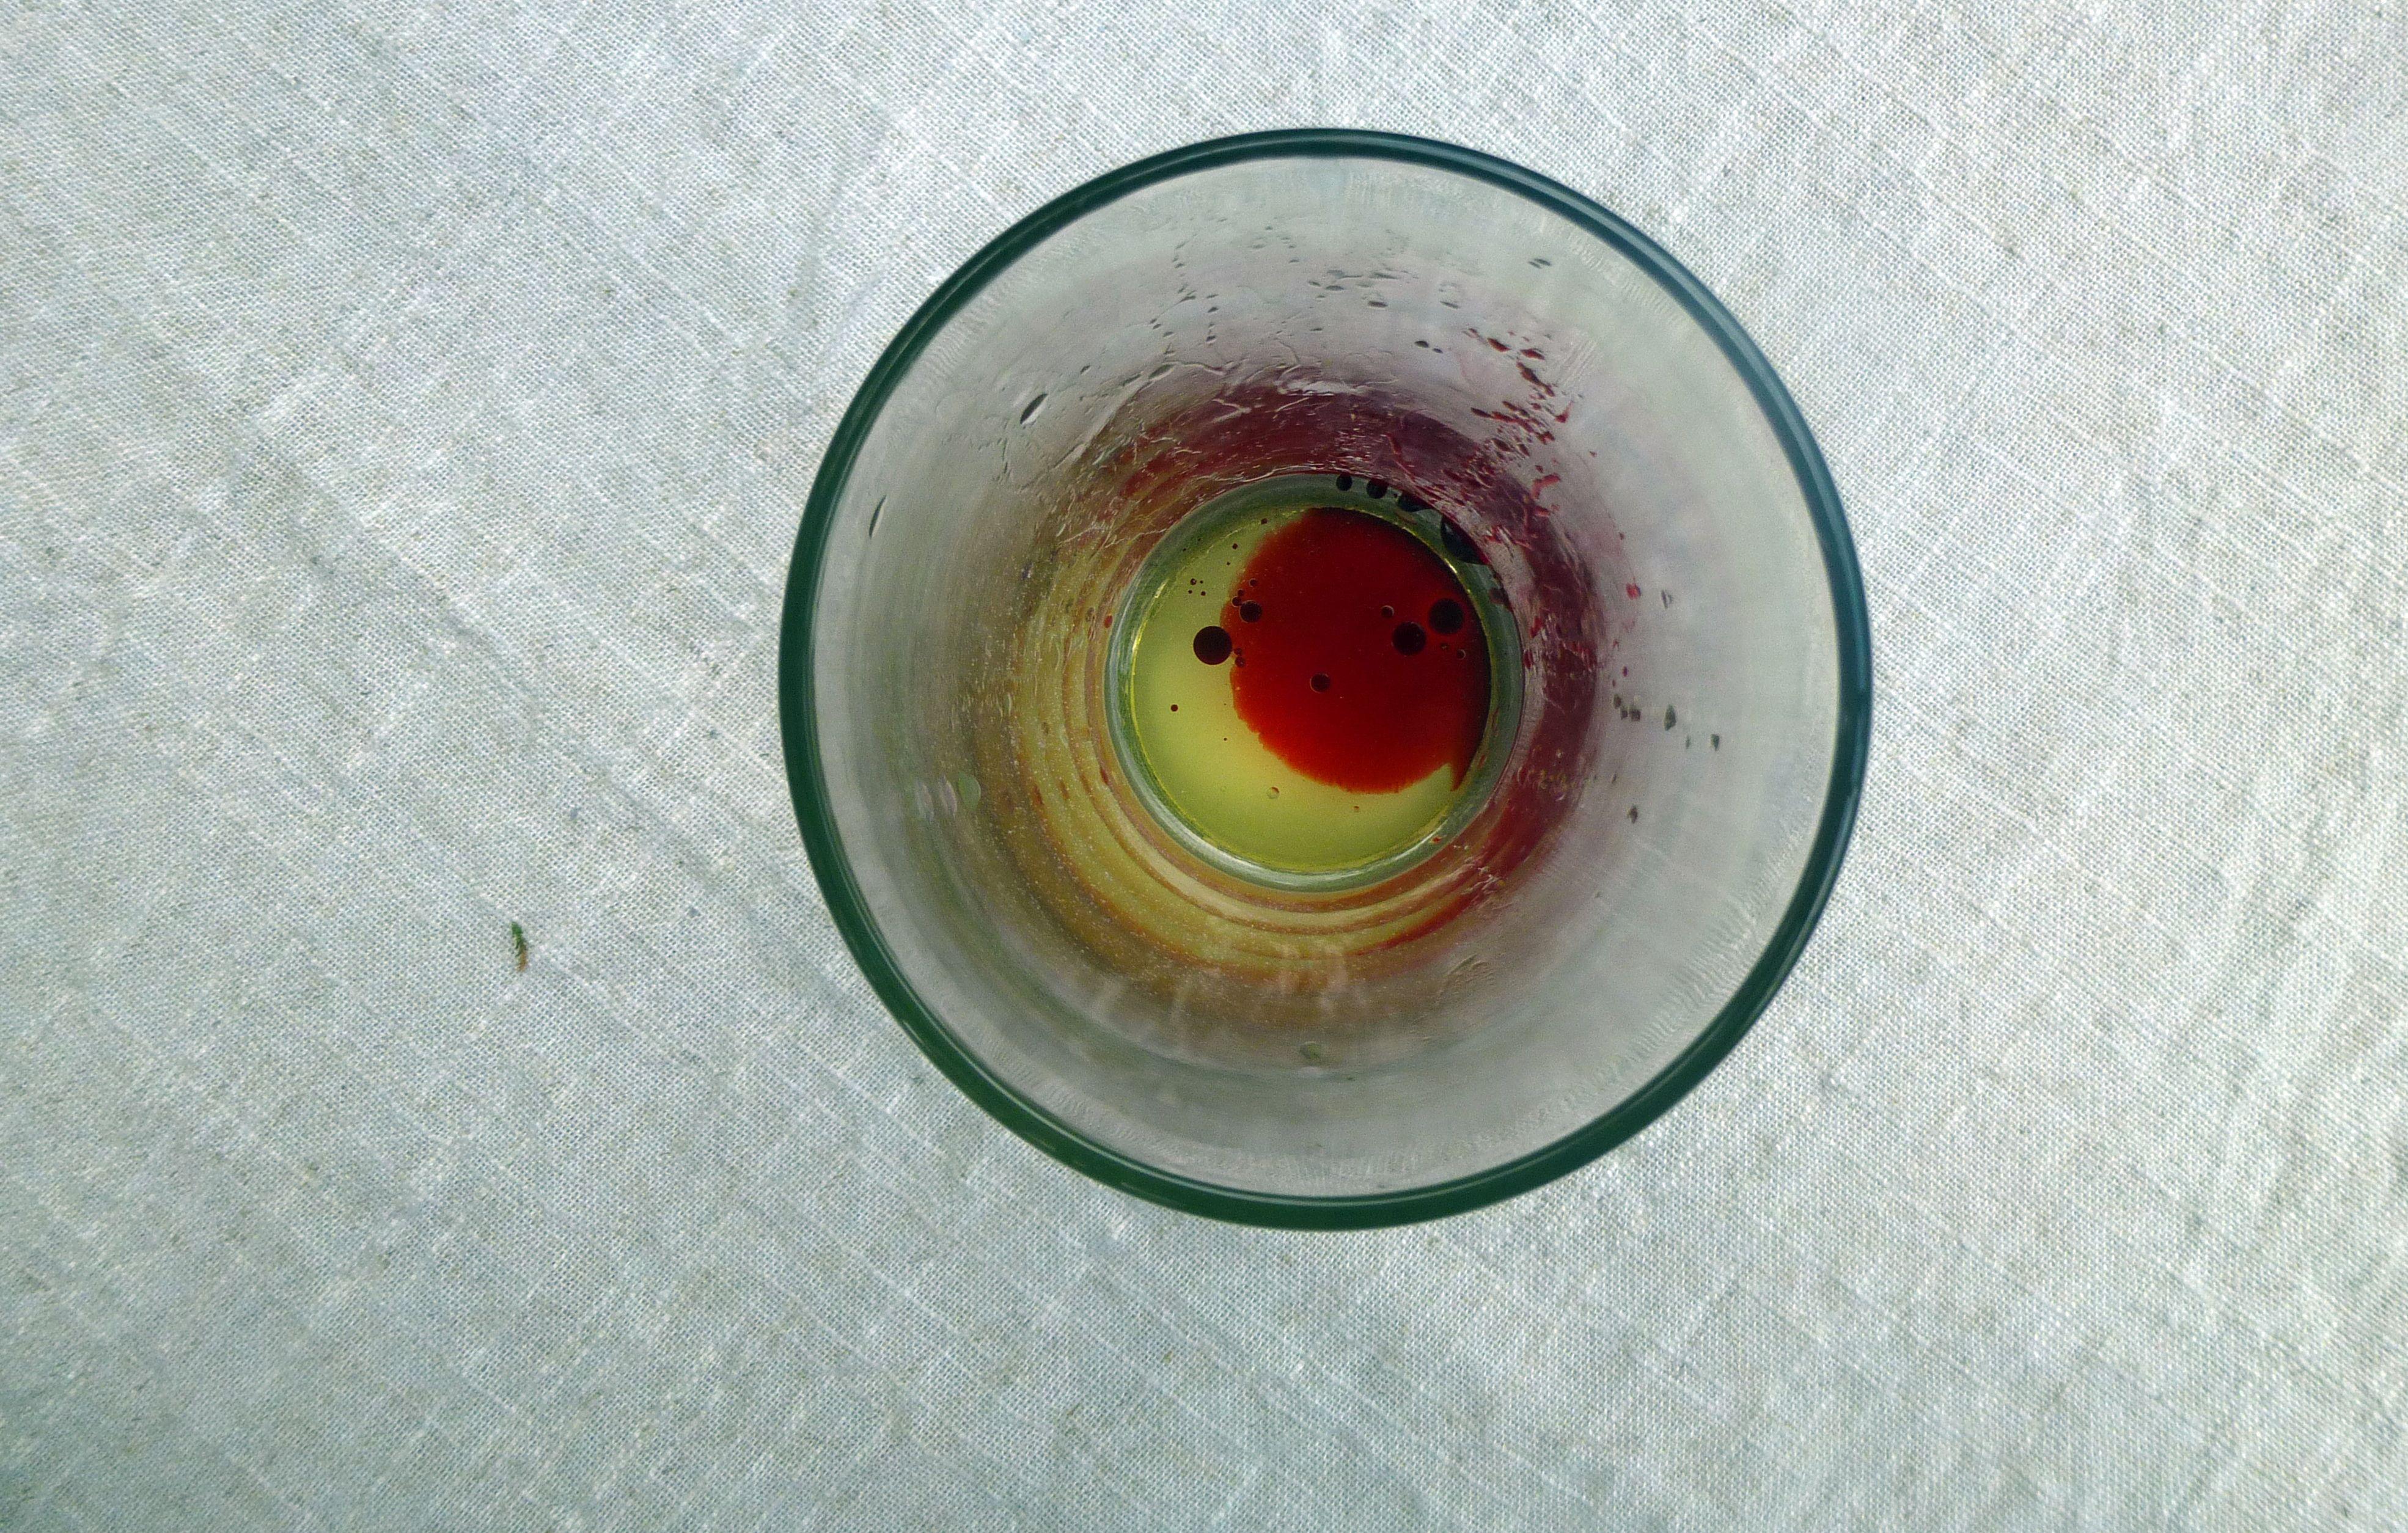 Dye in a pint glass